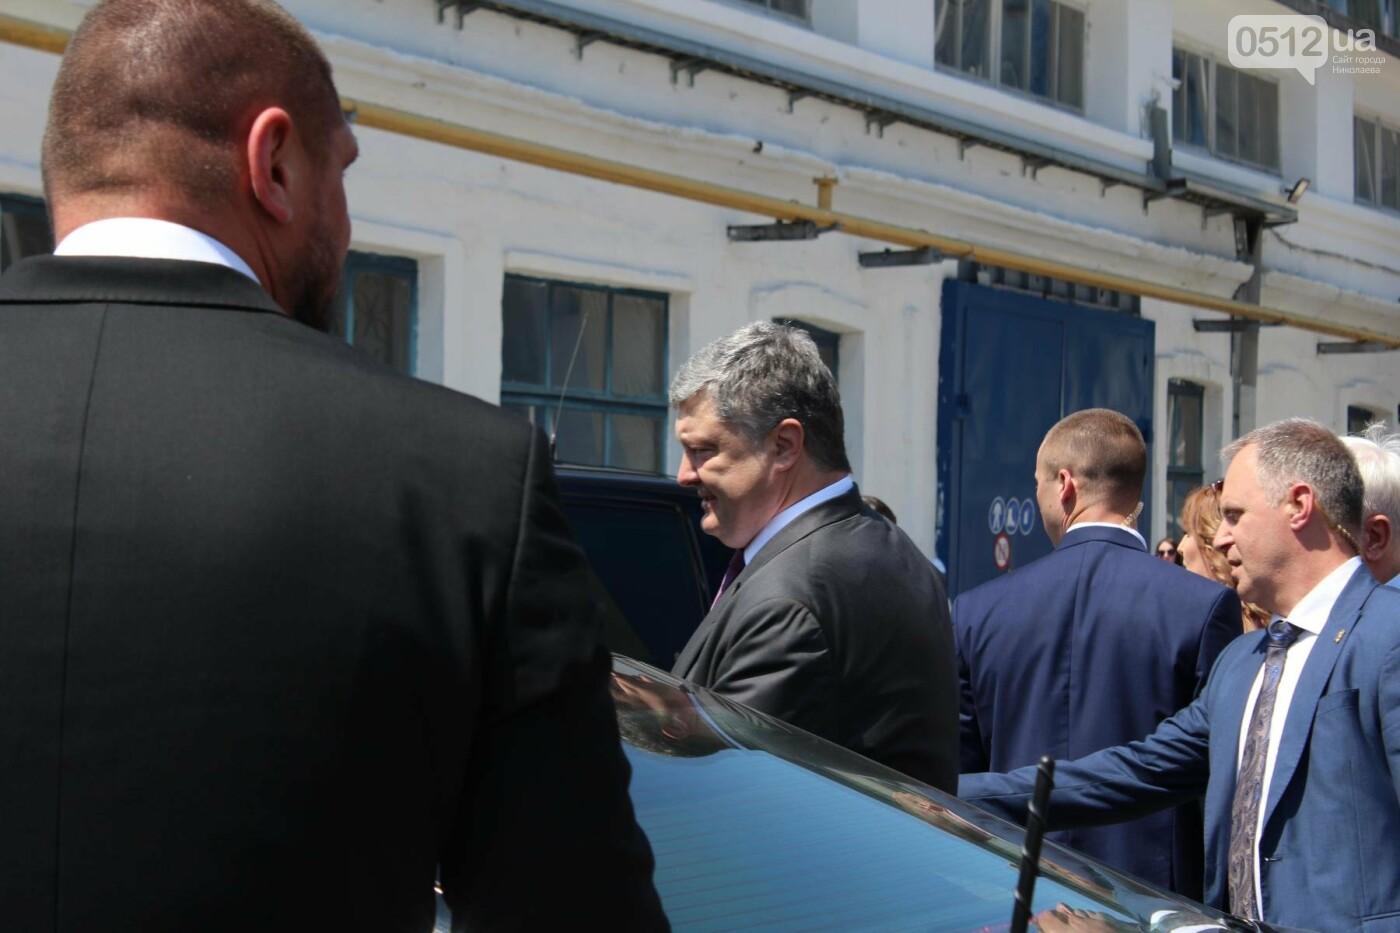 Порошенко в Николаеве подписал ряд важных законопроектов, - ФОТО, фото-14